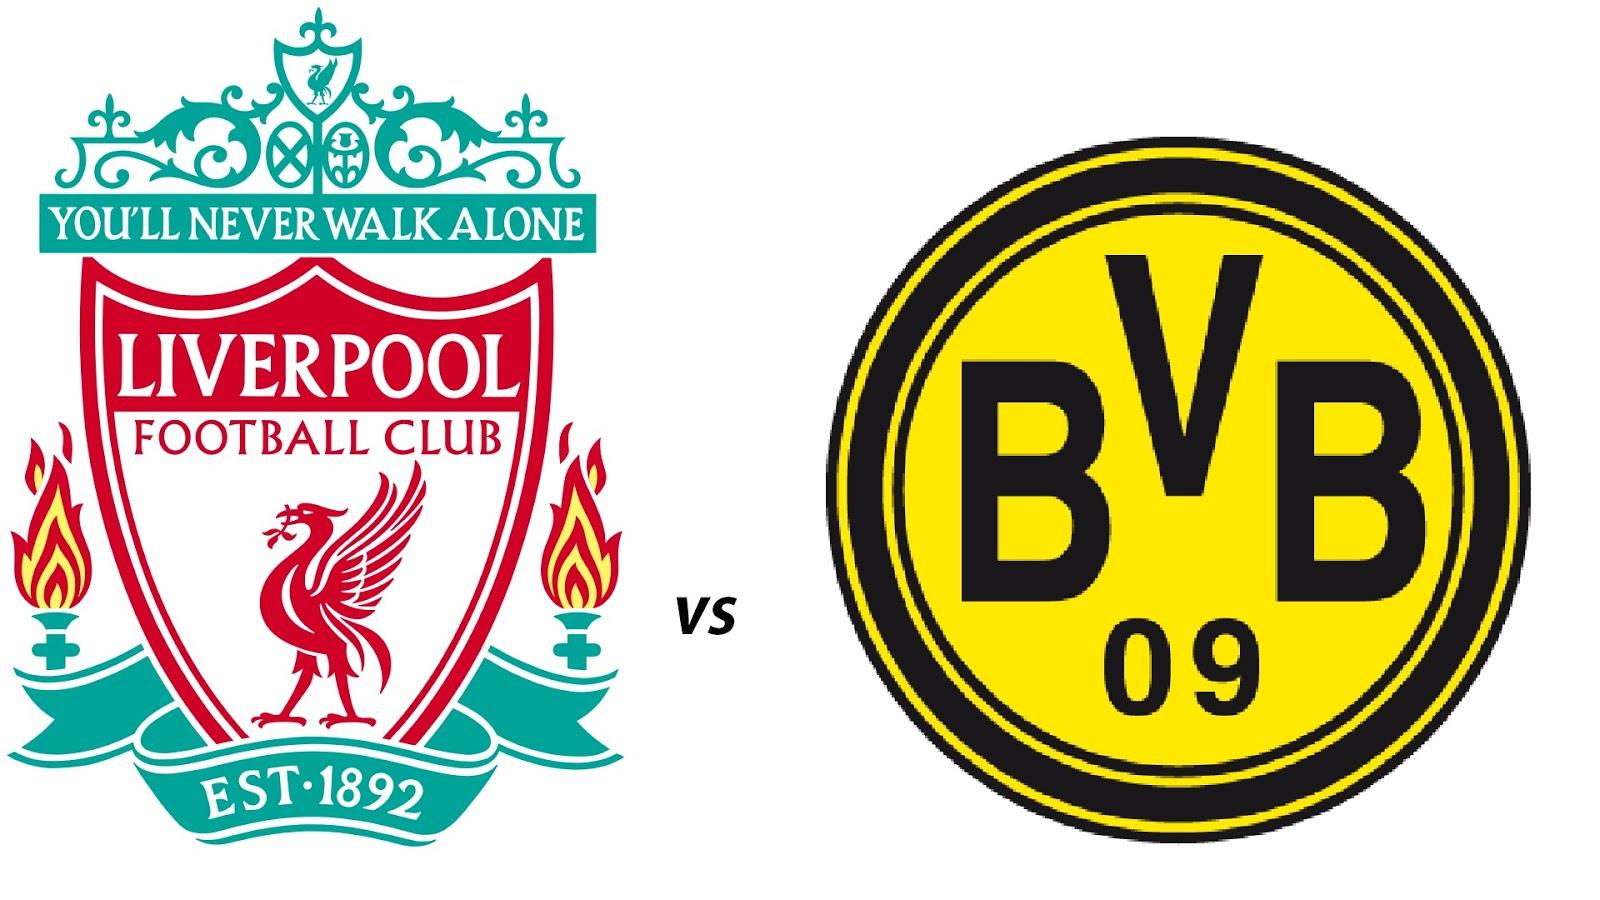 Liverpool Vs Dortmund Europa League Match Preview, Prediction, Telecast, Line-ups